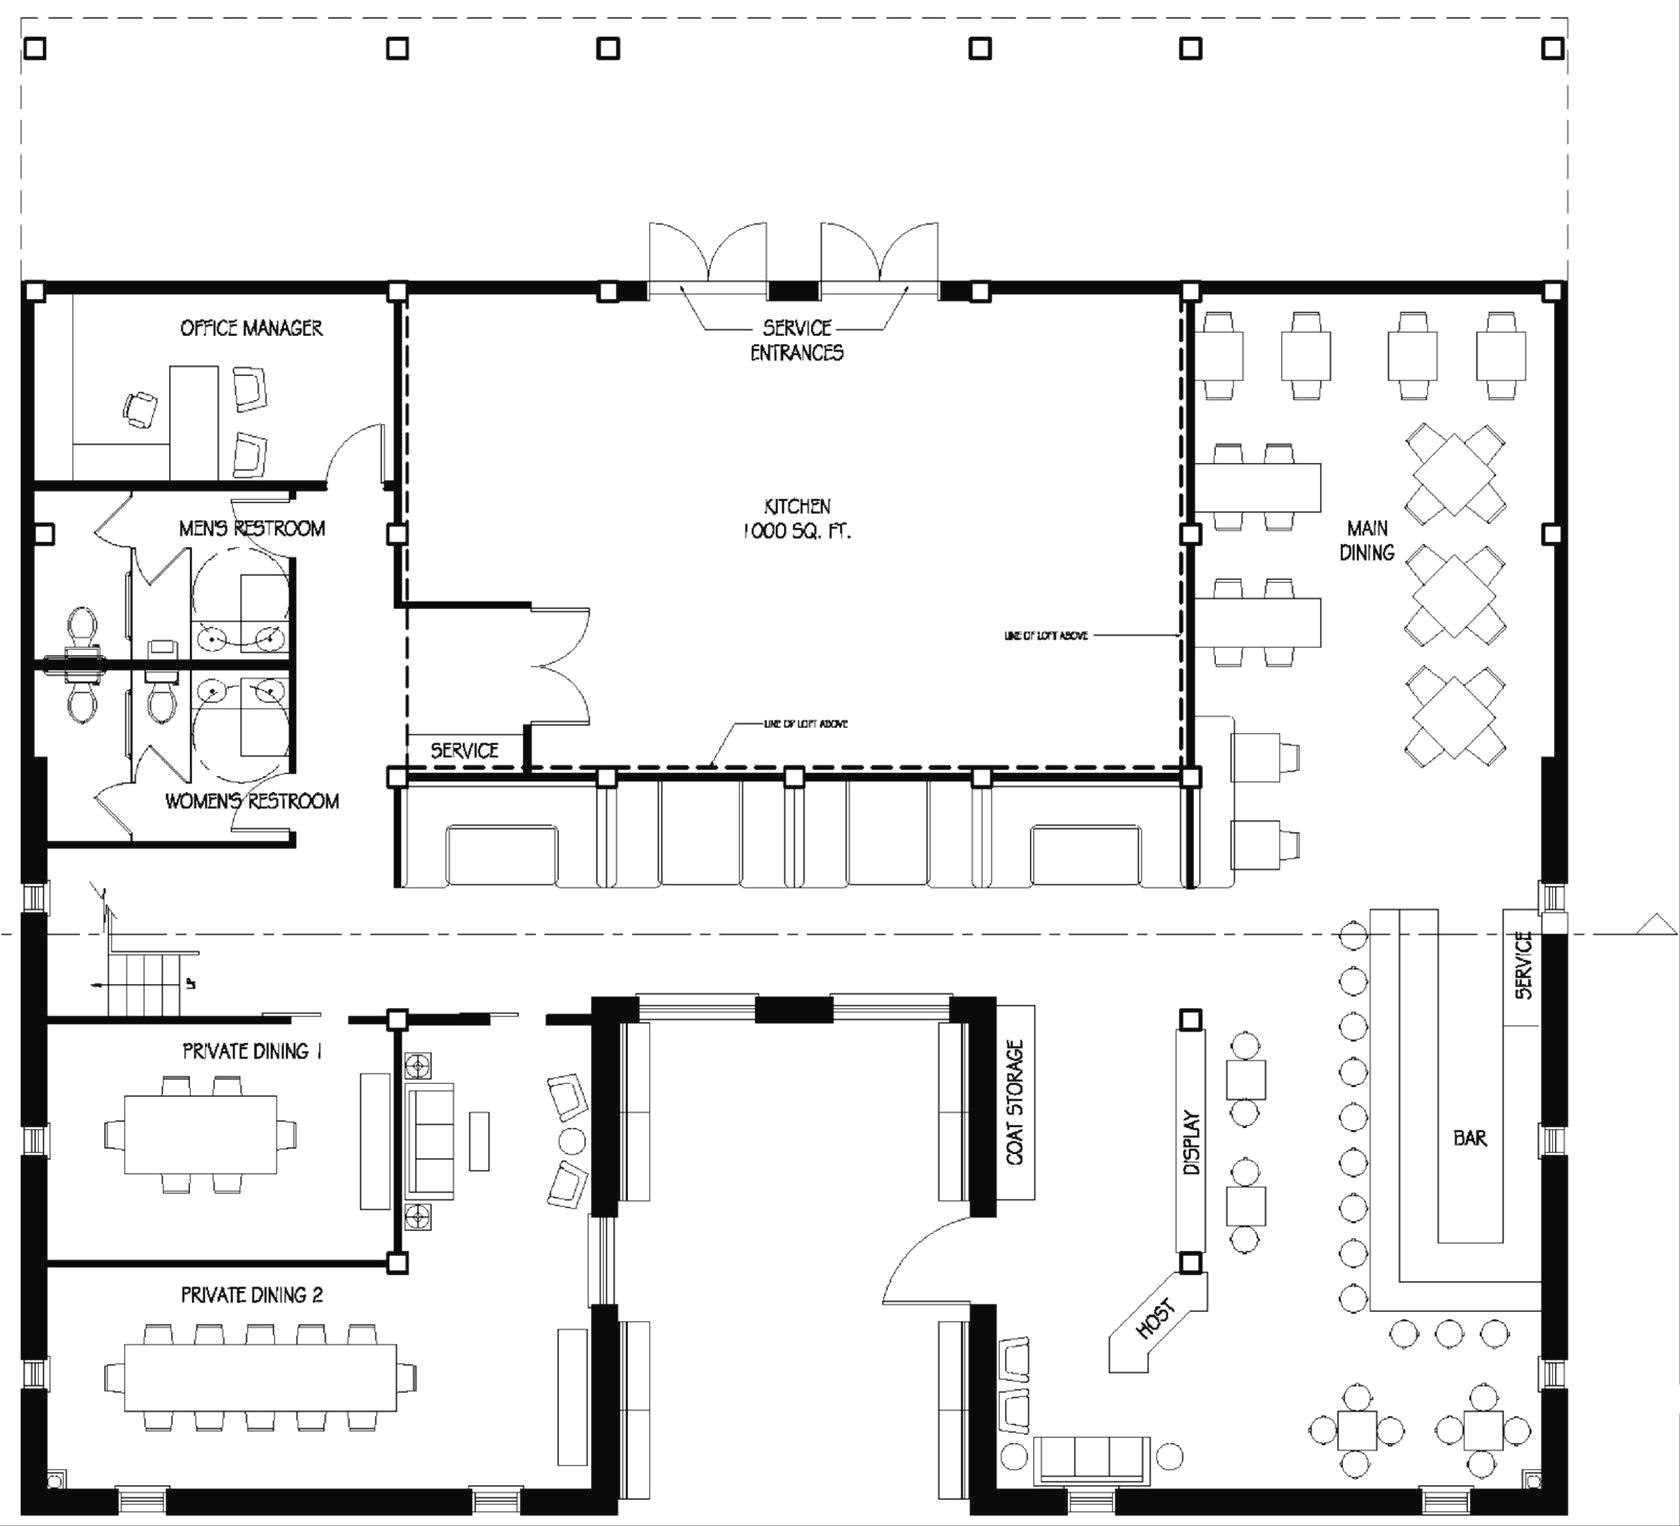 line floor plan maker inspirational line floor plan inspirational line floor plans new home plans 0d